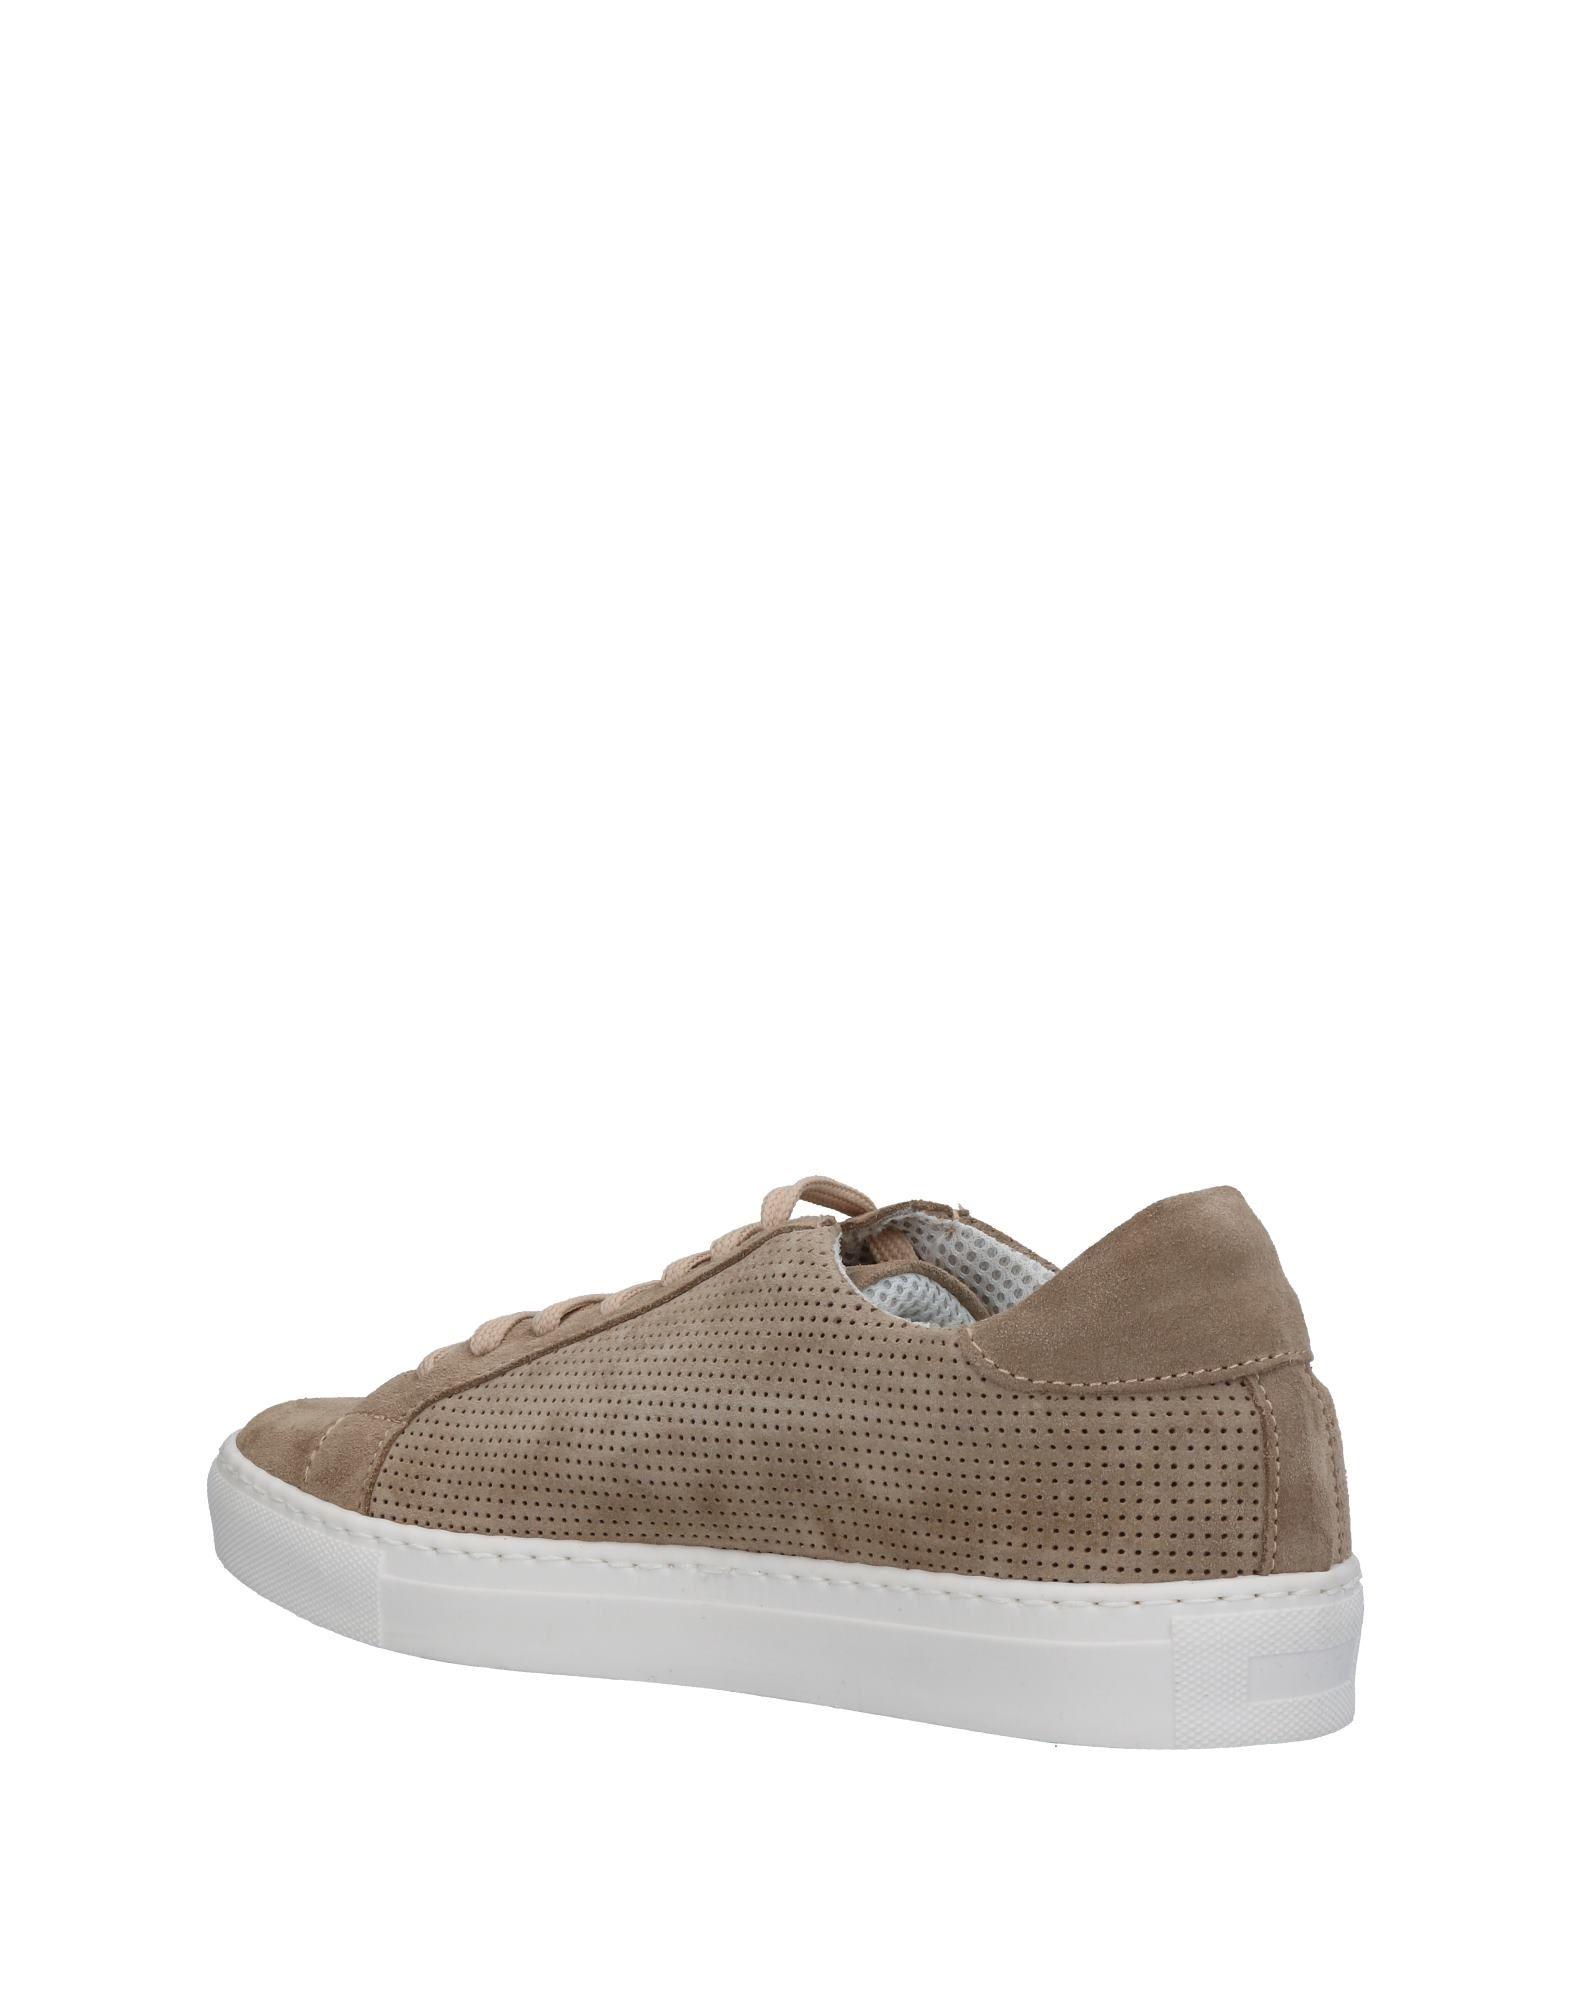 Dooa Sneakers 11395574AH Herren  11395574AH Sneakers Heiße Schuhe 49b038